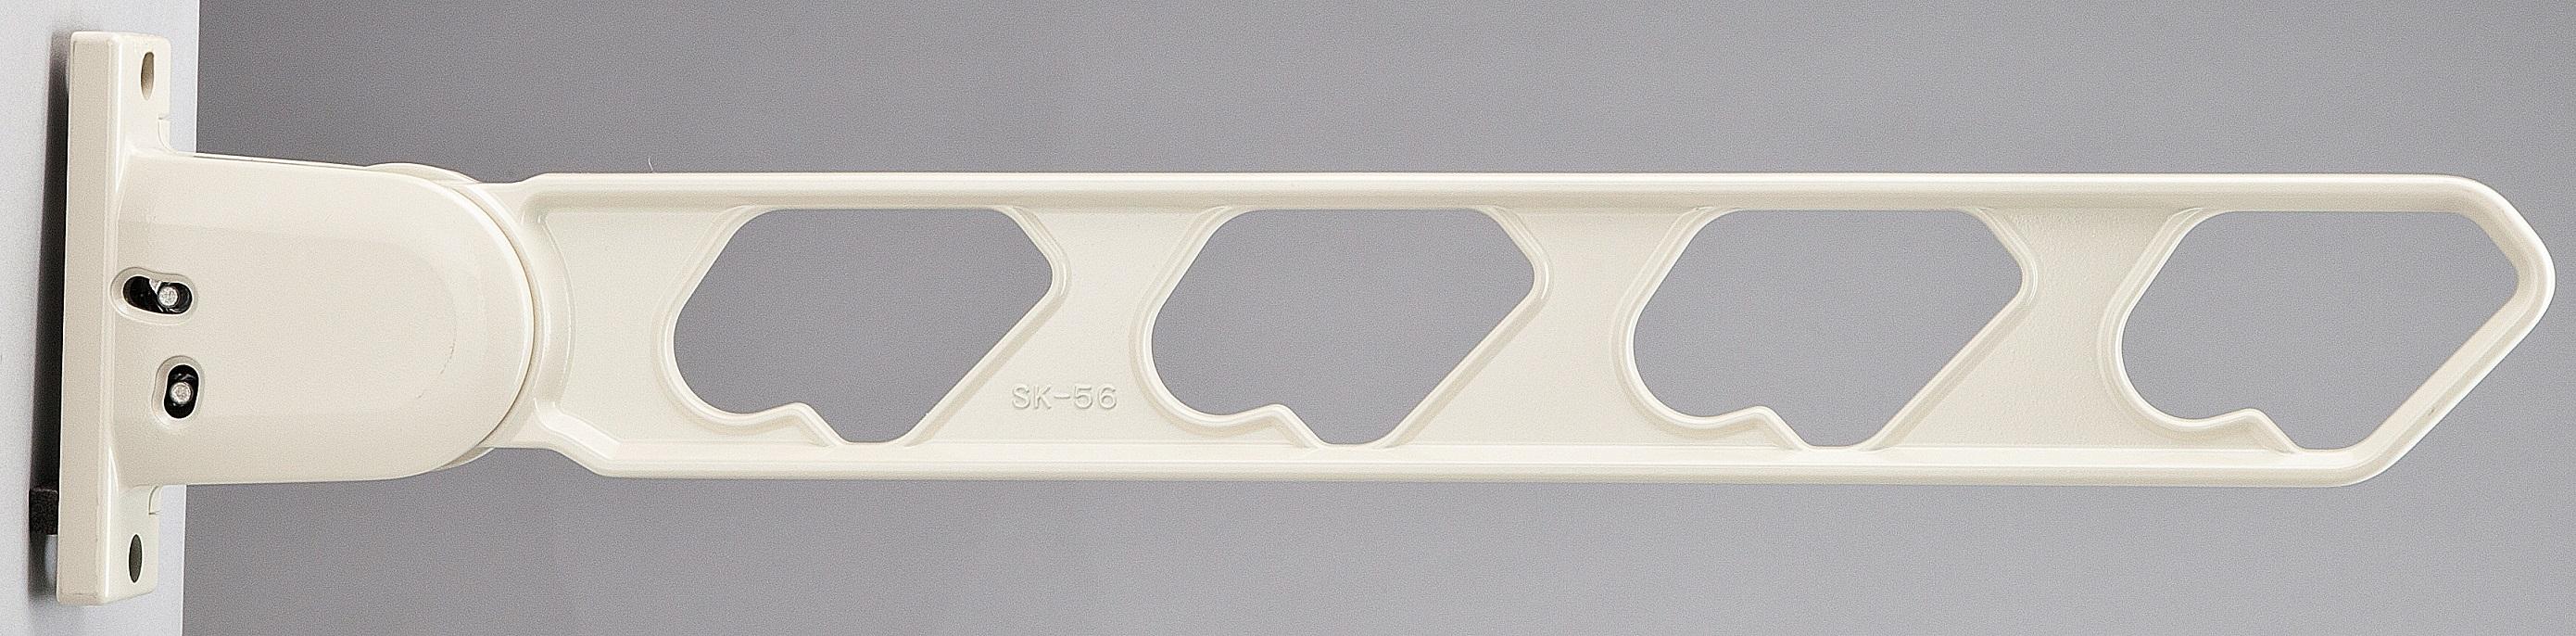 ラチェット式物干金物(窓壁用・下可動型)2個セット SK-56RD